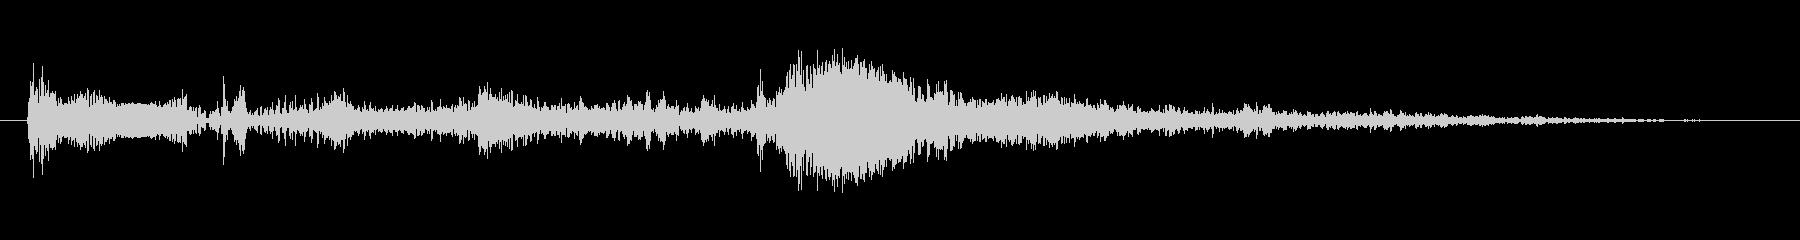 トロール トロルガズム03の未再生の波形